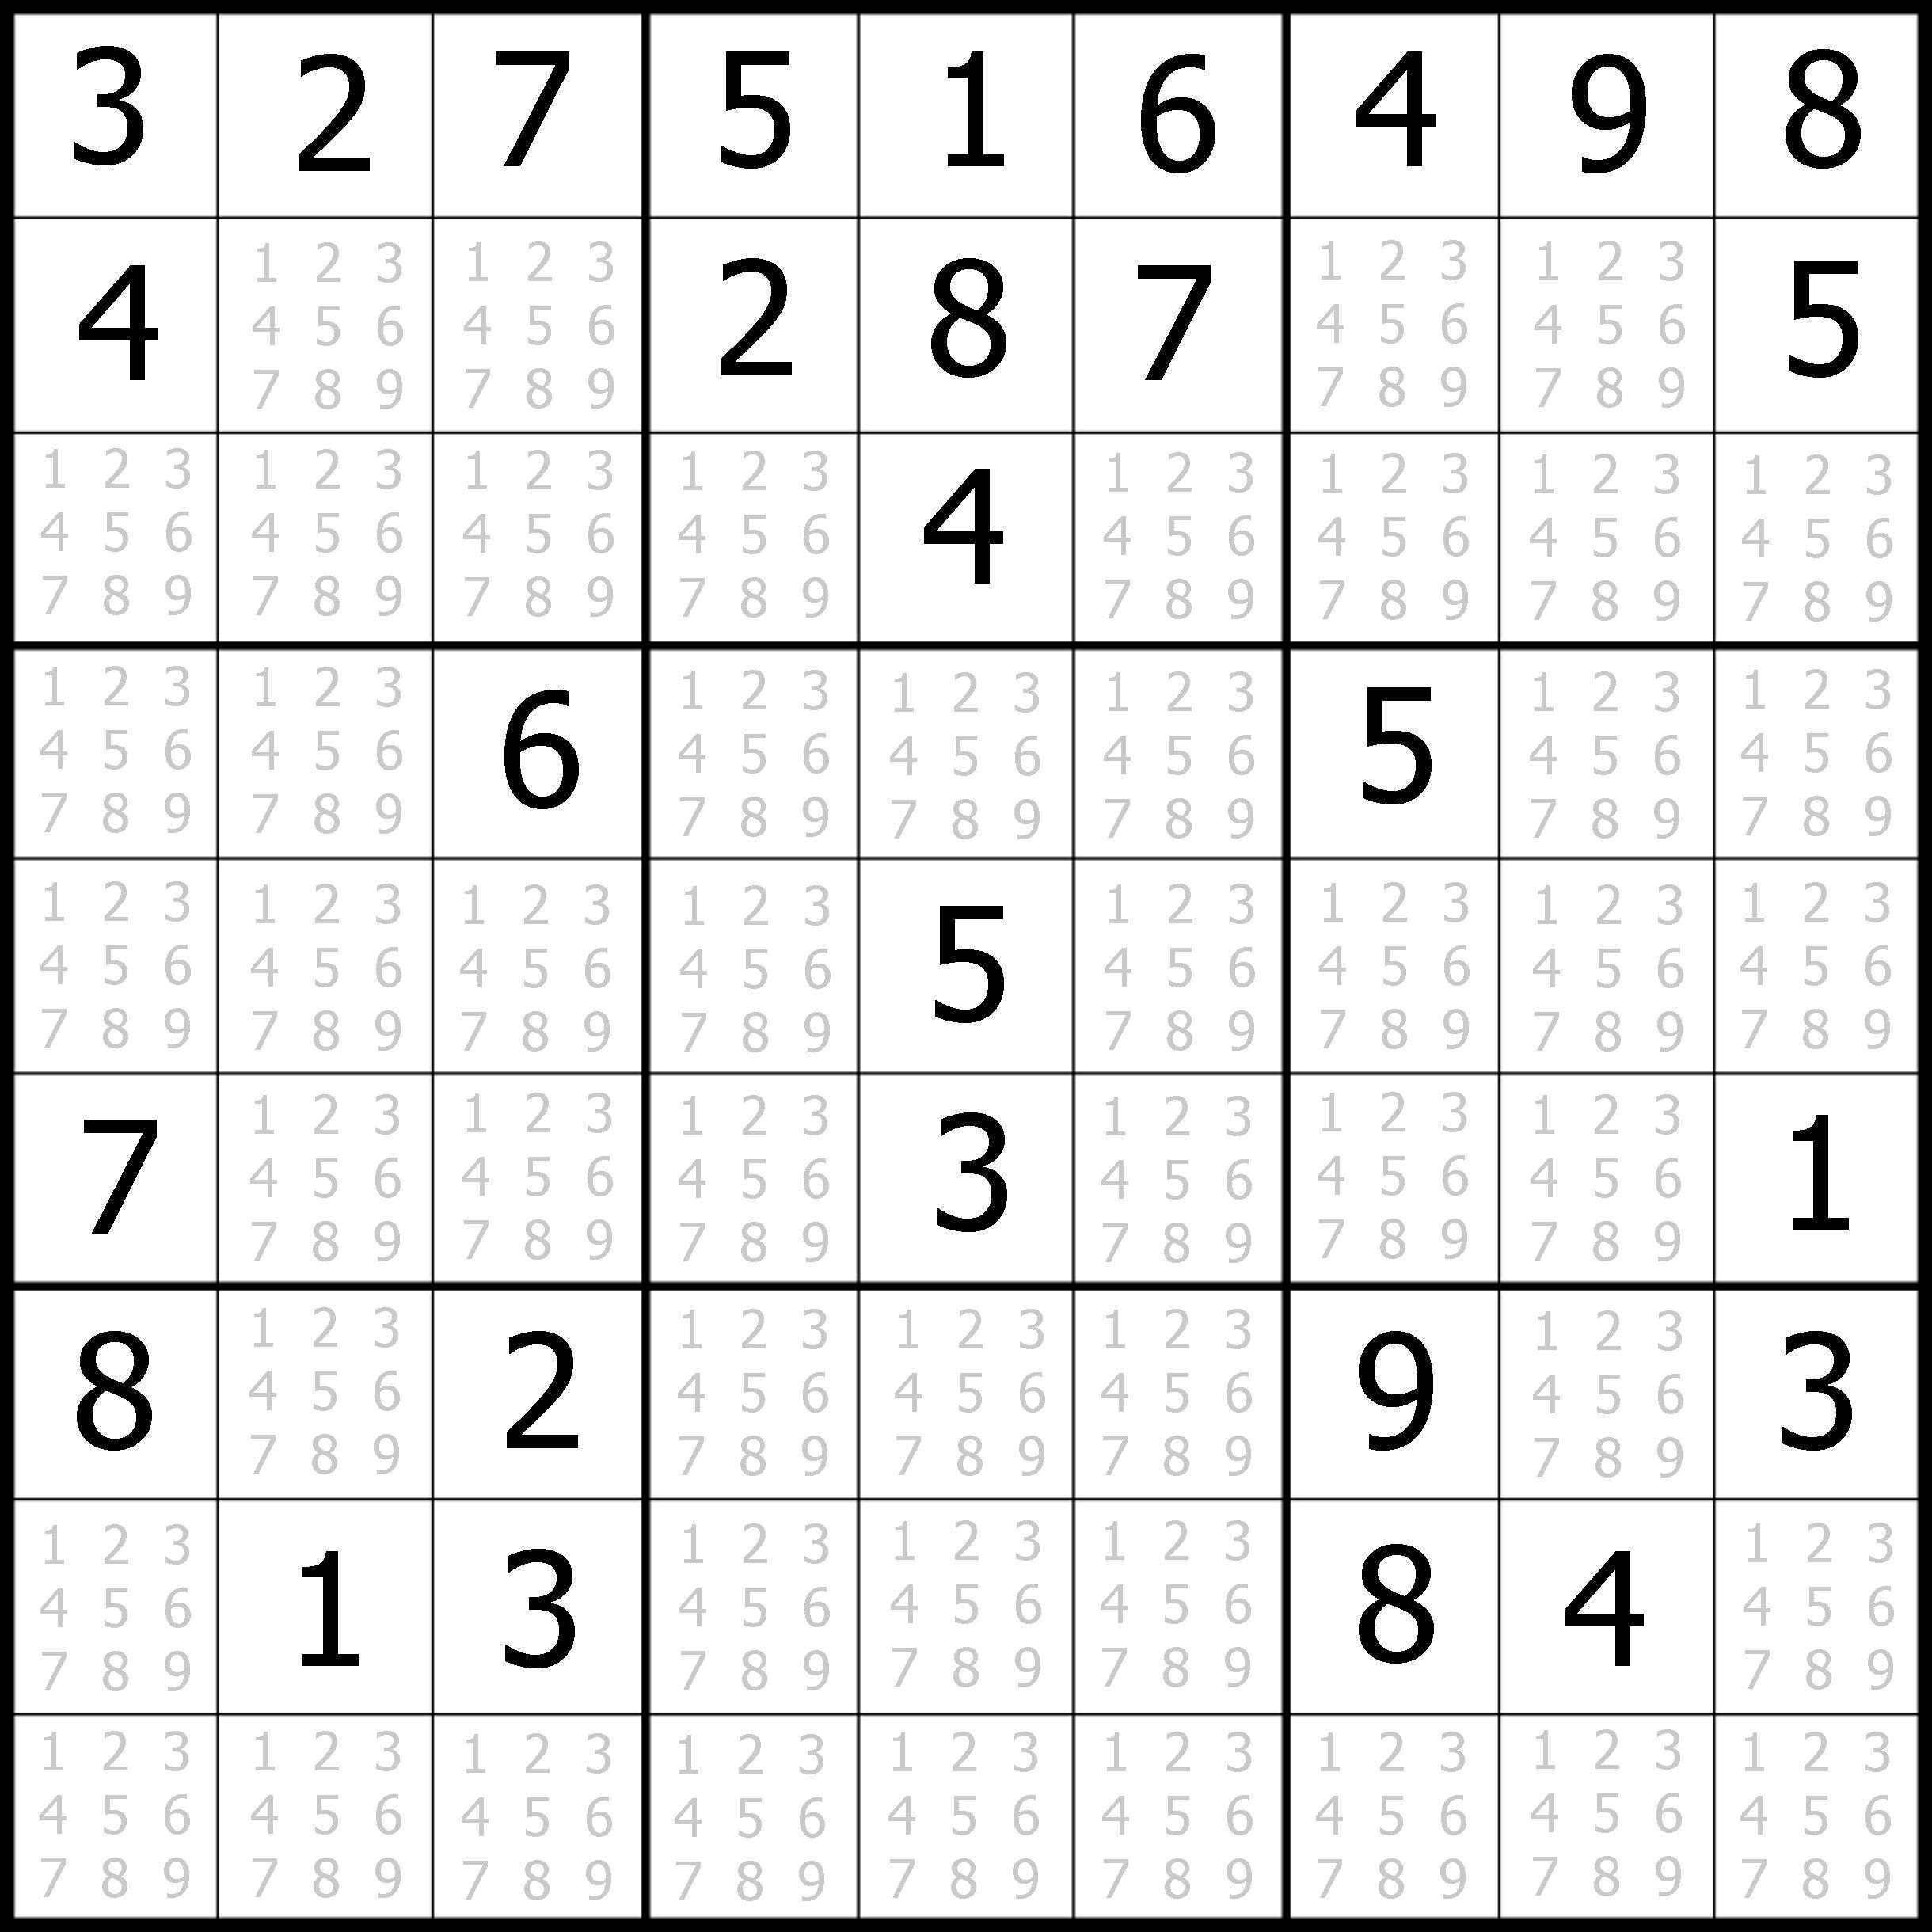 Sudoku Printable   Free, Medium, Printable Sudoku Puzzle #1   My - Printable Sudoku Puzzles 4X4